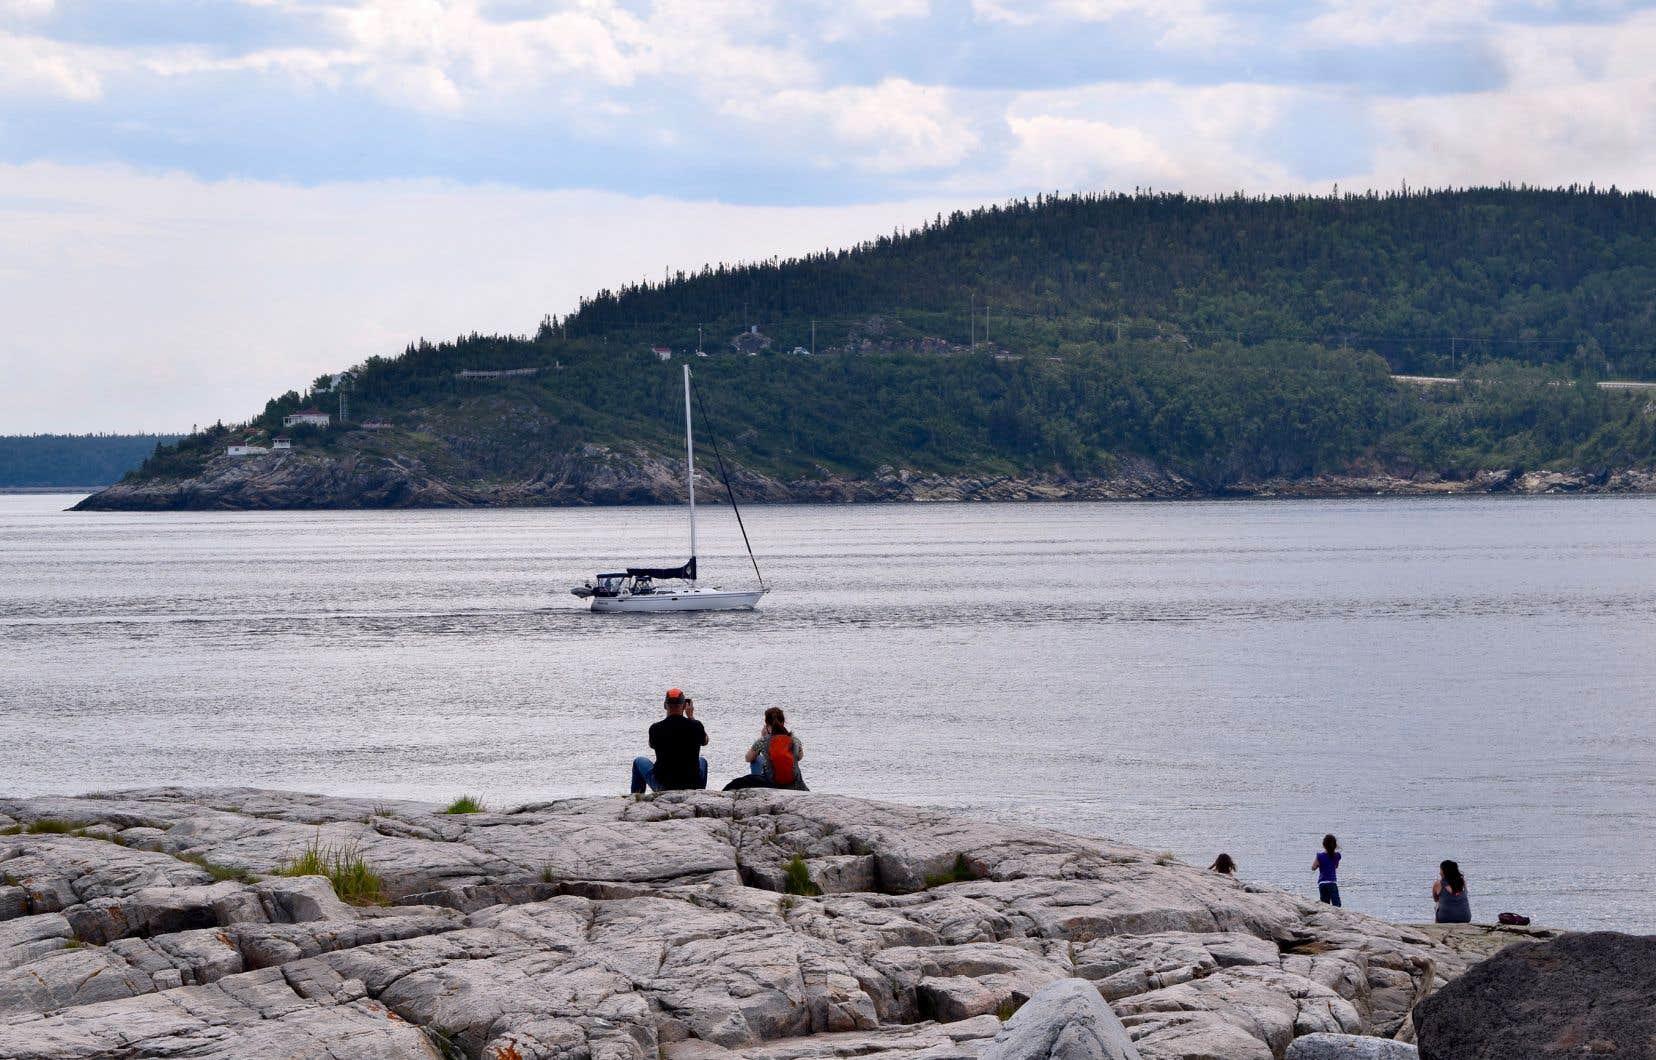 Parcs Canada, le ministère du Tourisme du Québec et la municipalité de Tadoussac s'inquiètent des conséquences de GNL Québec sur l'image de marque touristique du fjord du Saguenay.